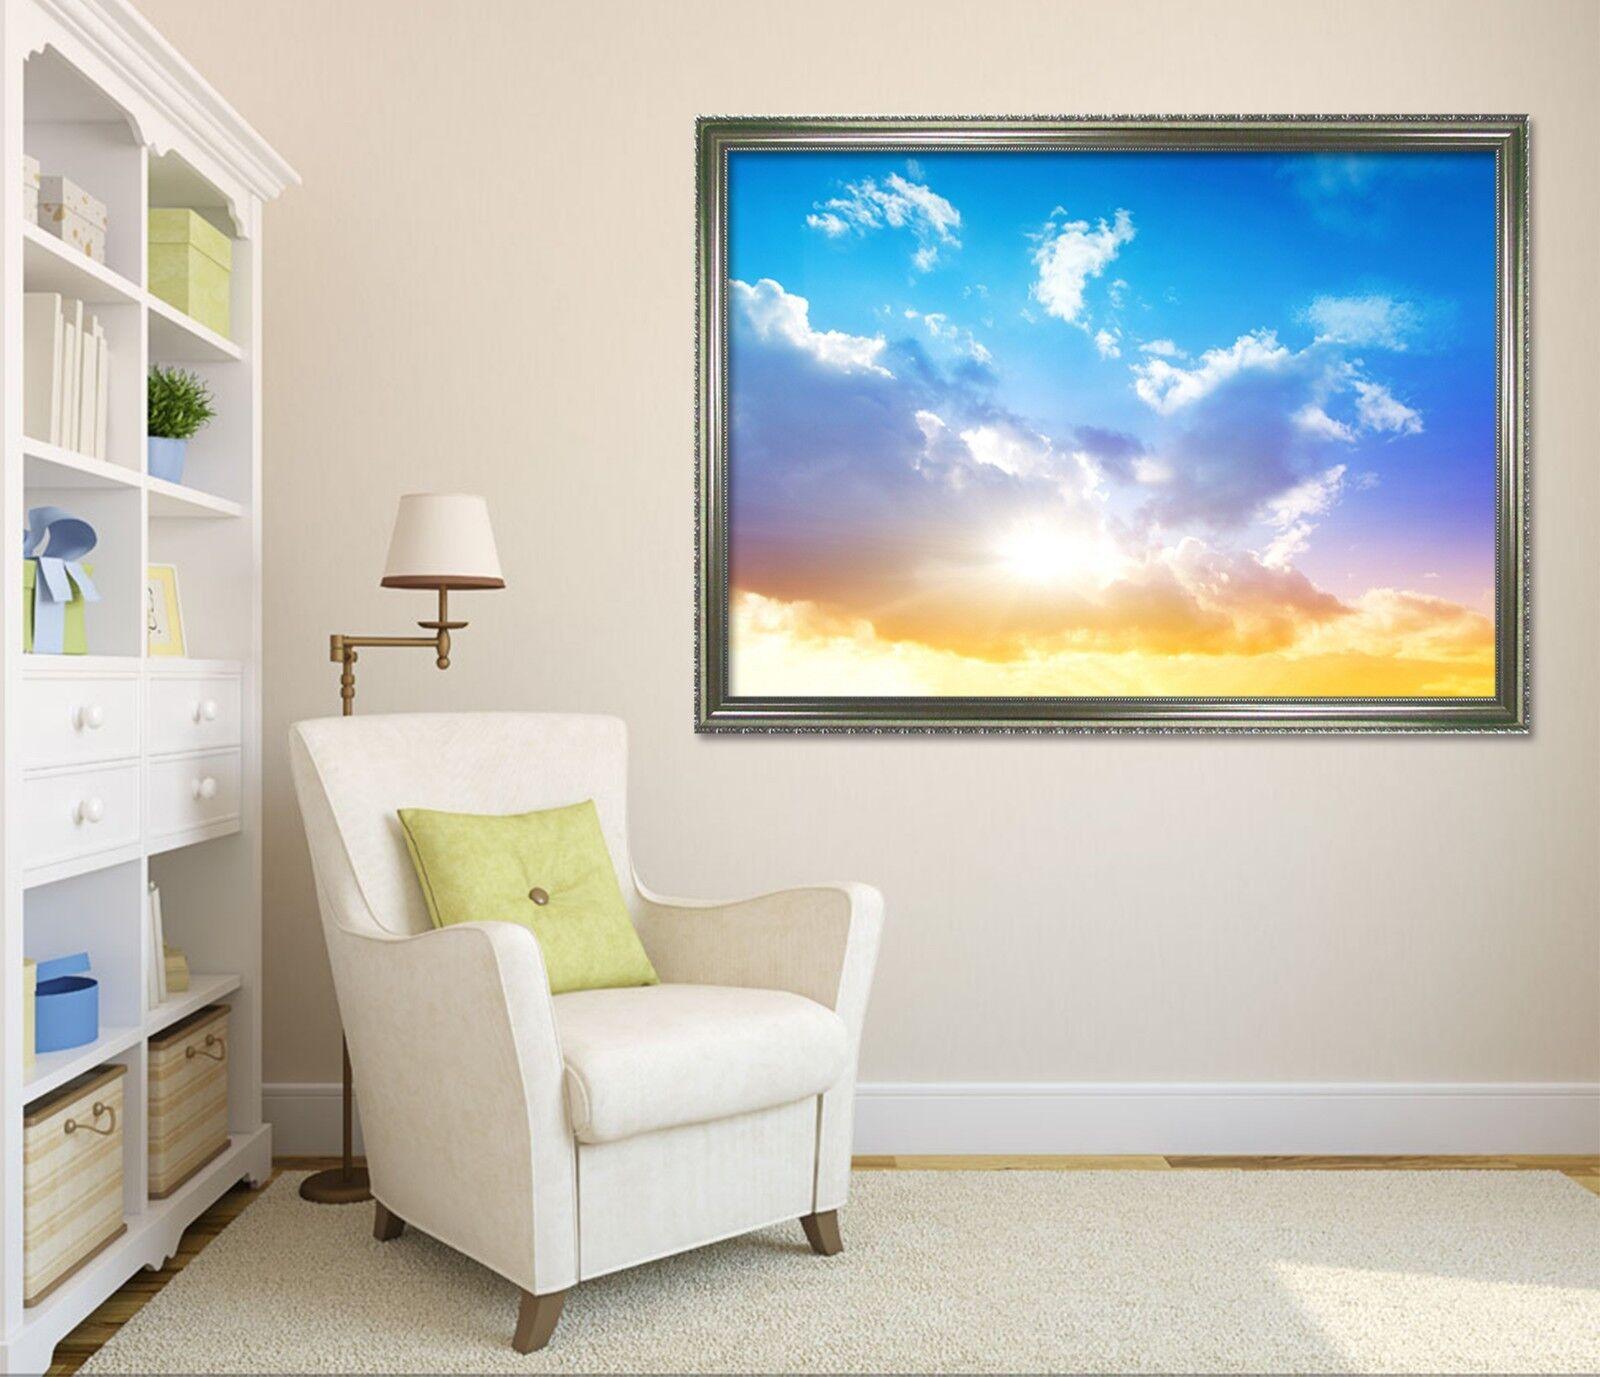 Cartel enmarcado 3D sol Nube 5 Decoración del Hogar Pintura de Impresión Arte AJ Wallpaper